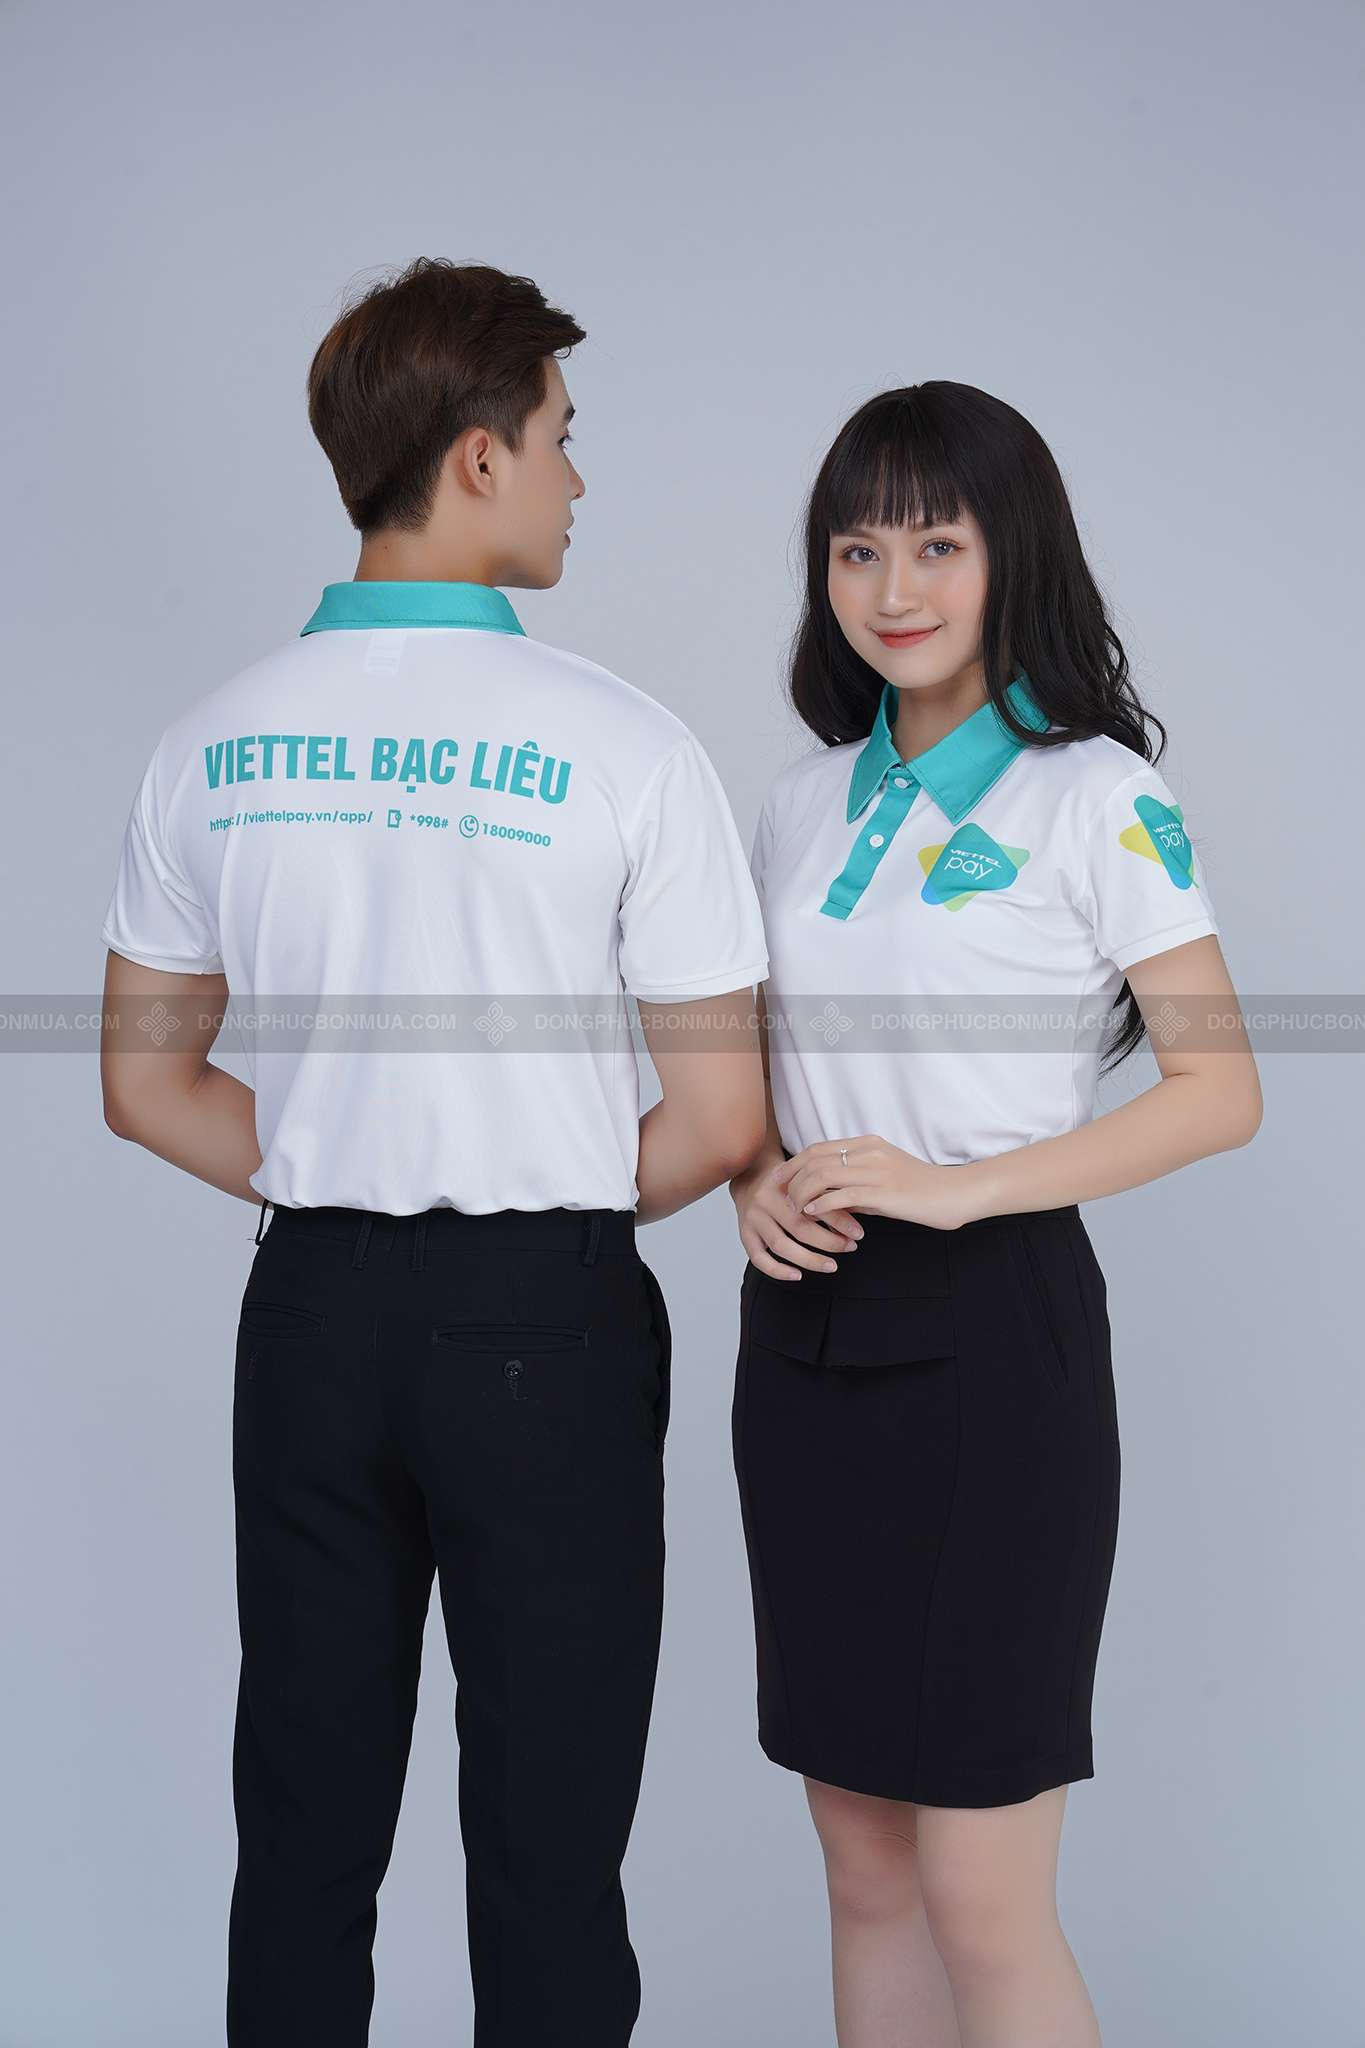 may đồng phục giá rẻ tphcm